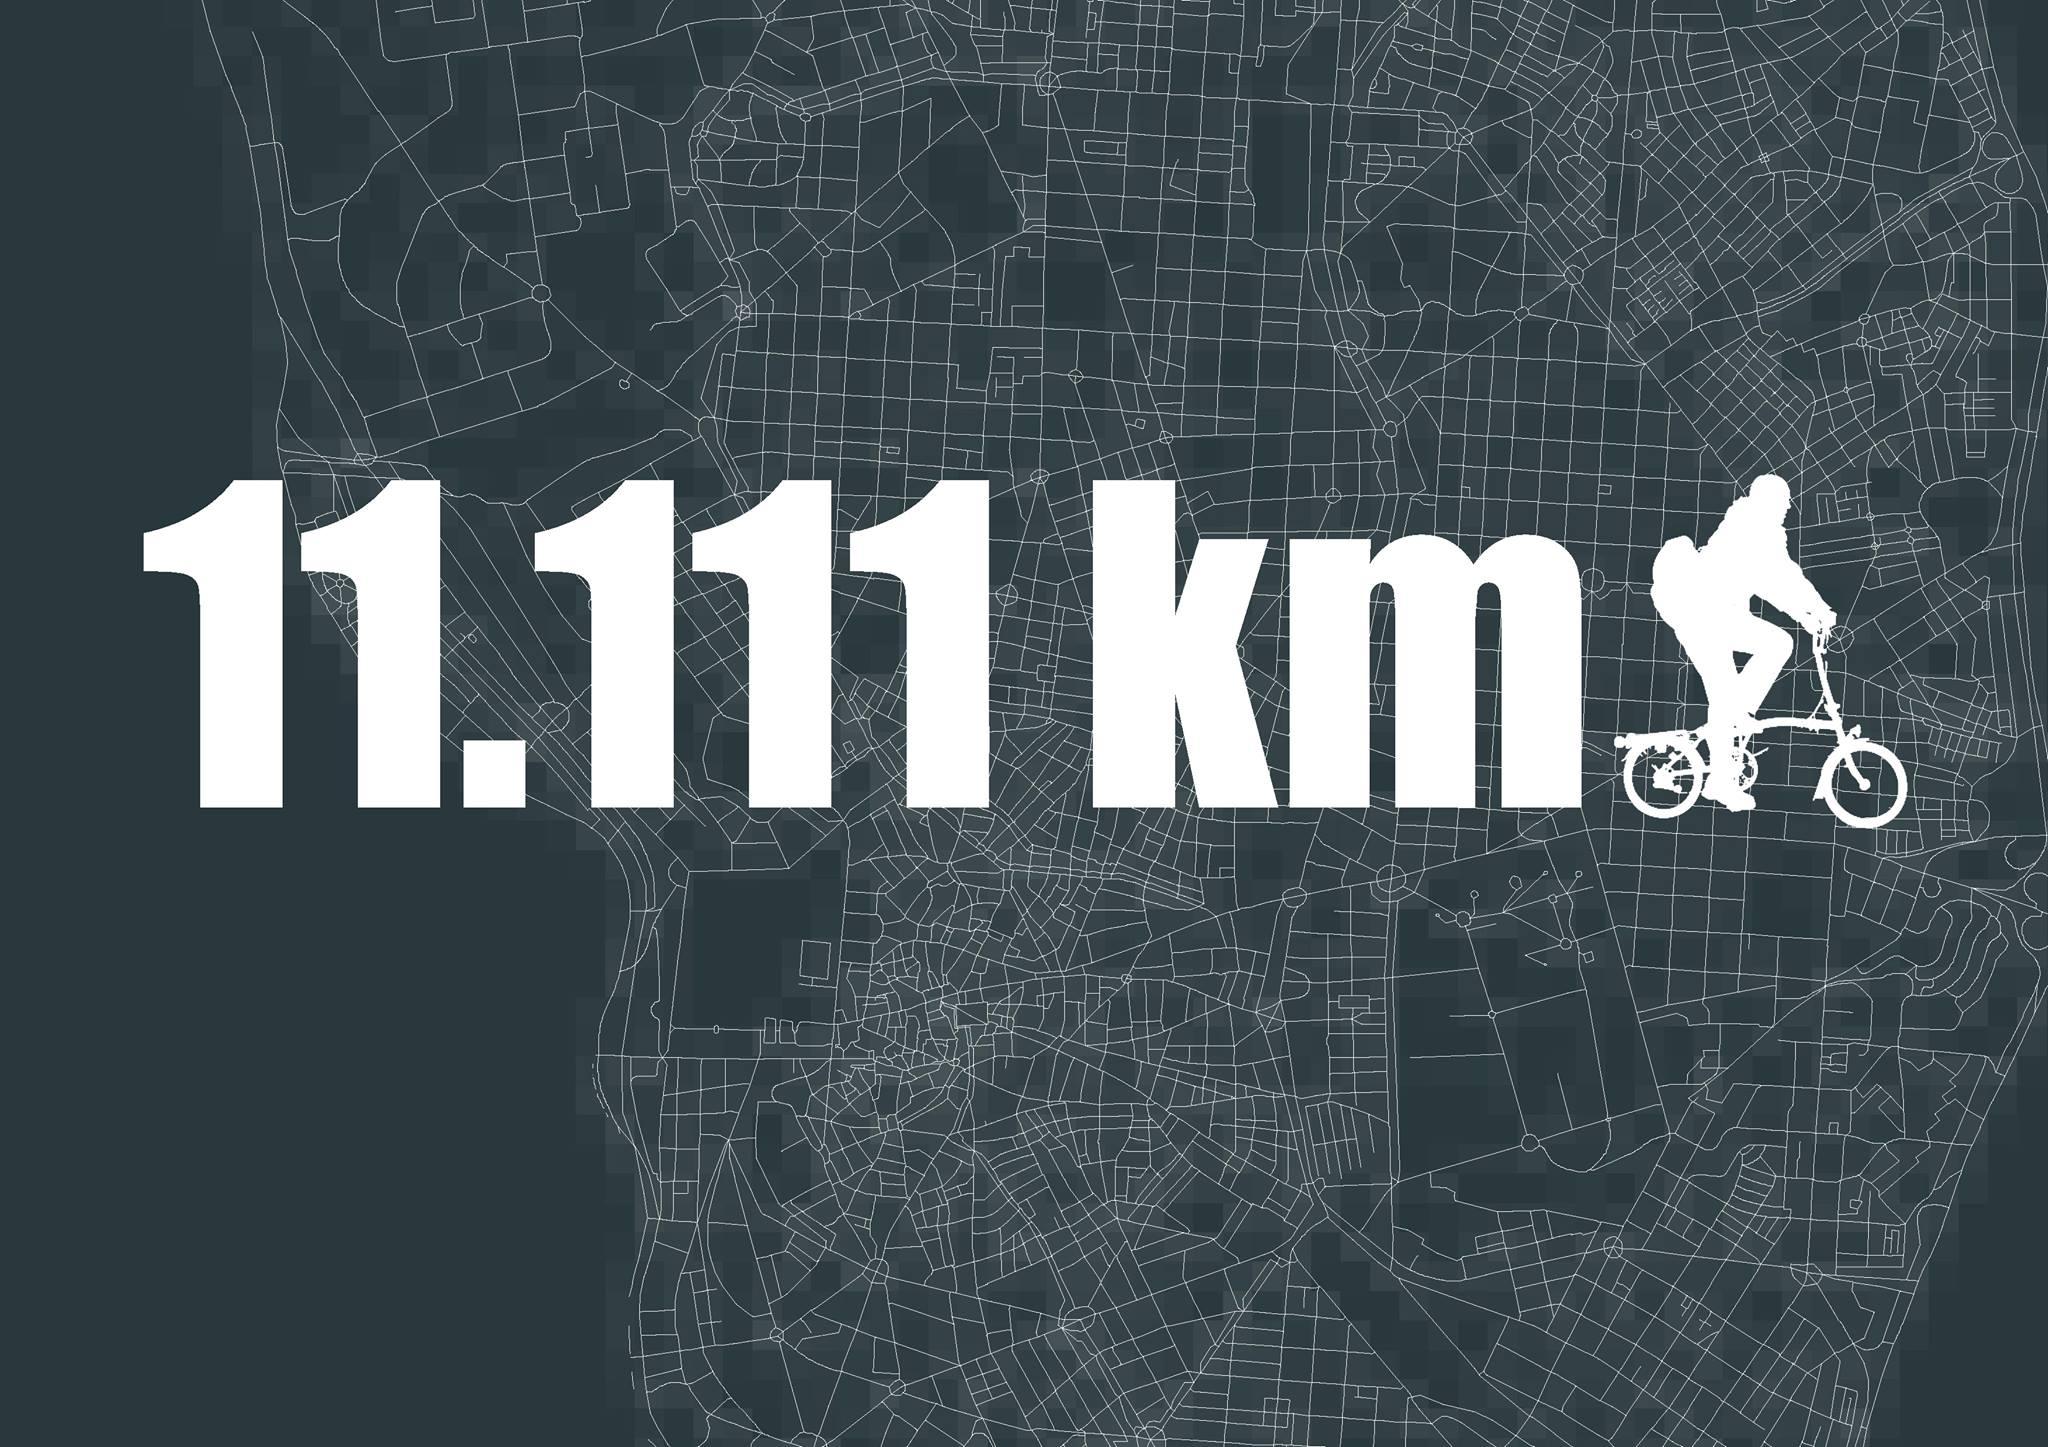 Sumamos 11.1111 km de rutas